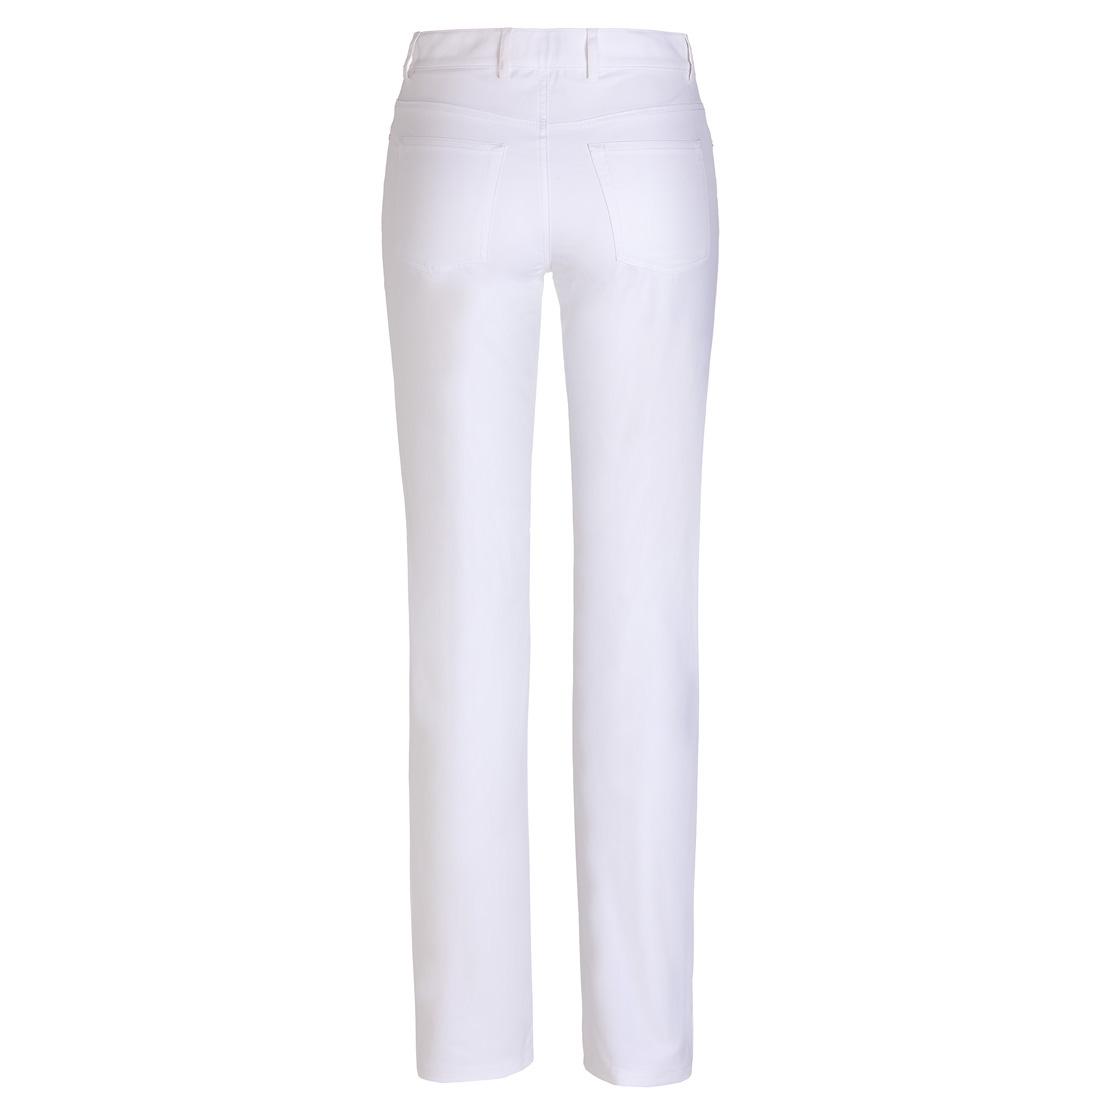 Damen Golfhose aus Stretch-Material mit Sonnenschutz-Funktion in Slim Fit